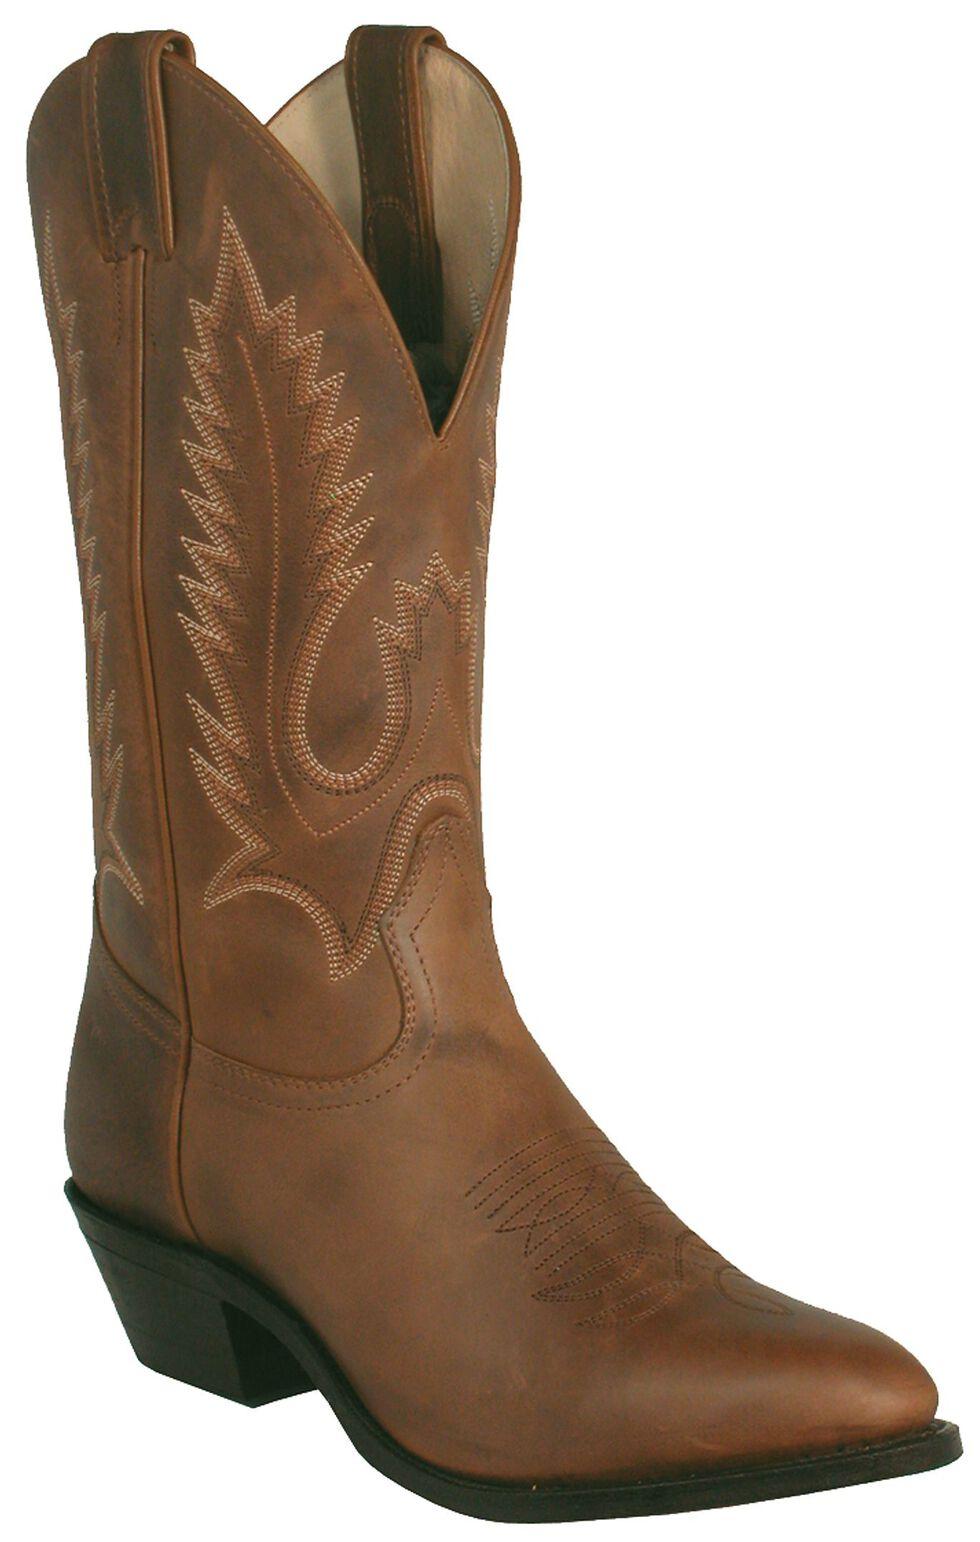 Boulet Rider Cowboy Boots - Medium Toe, Golden Tan, hi-res